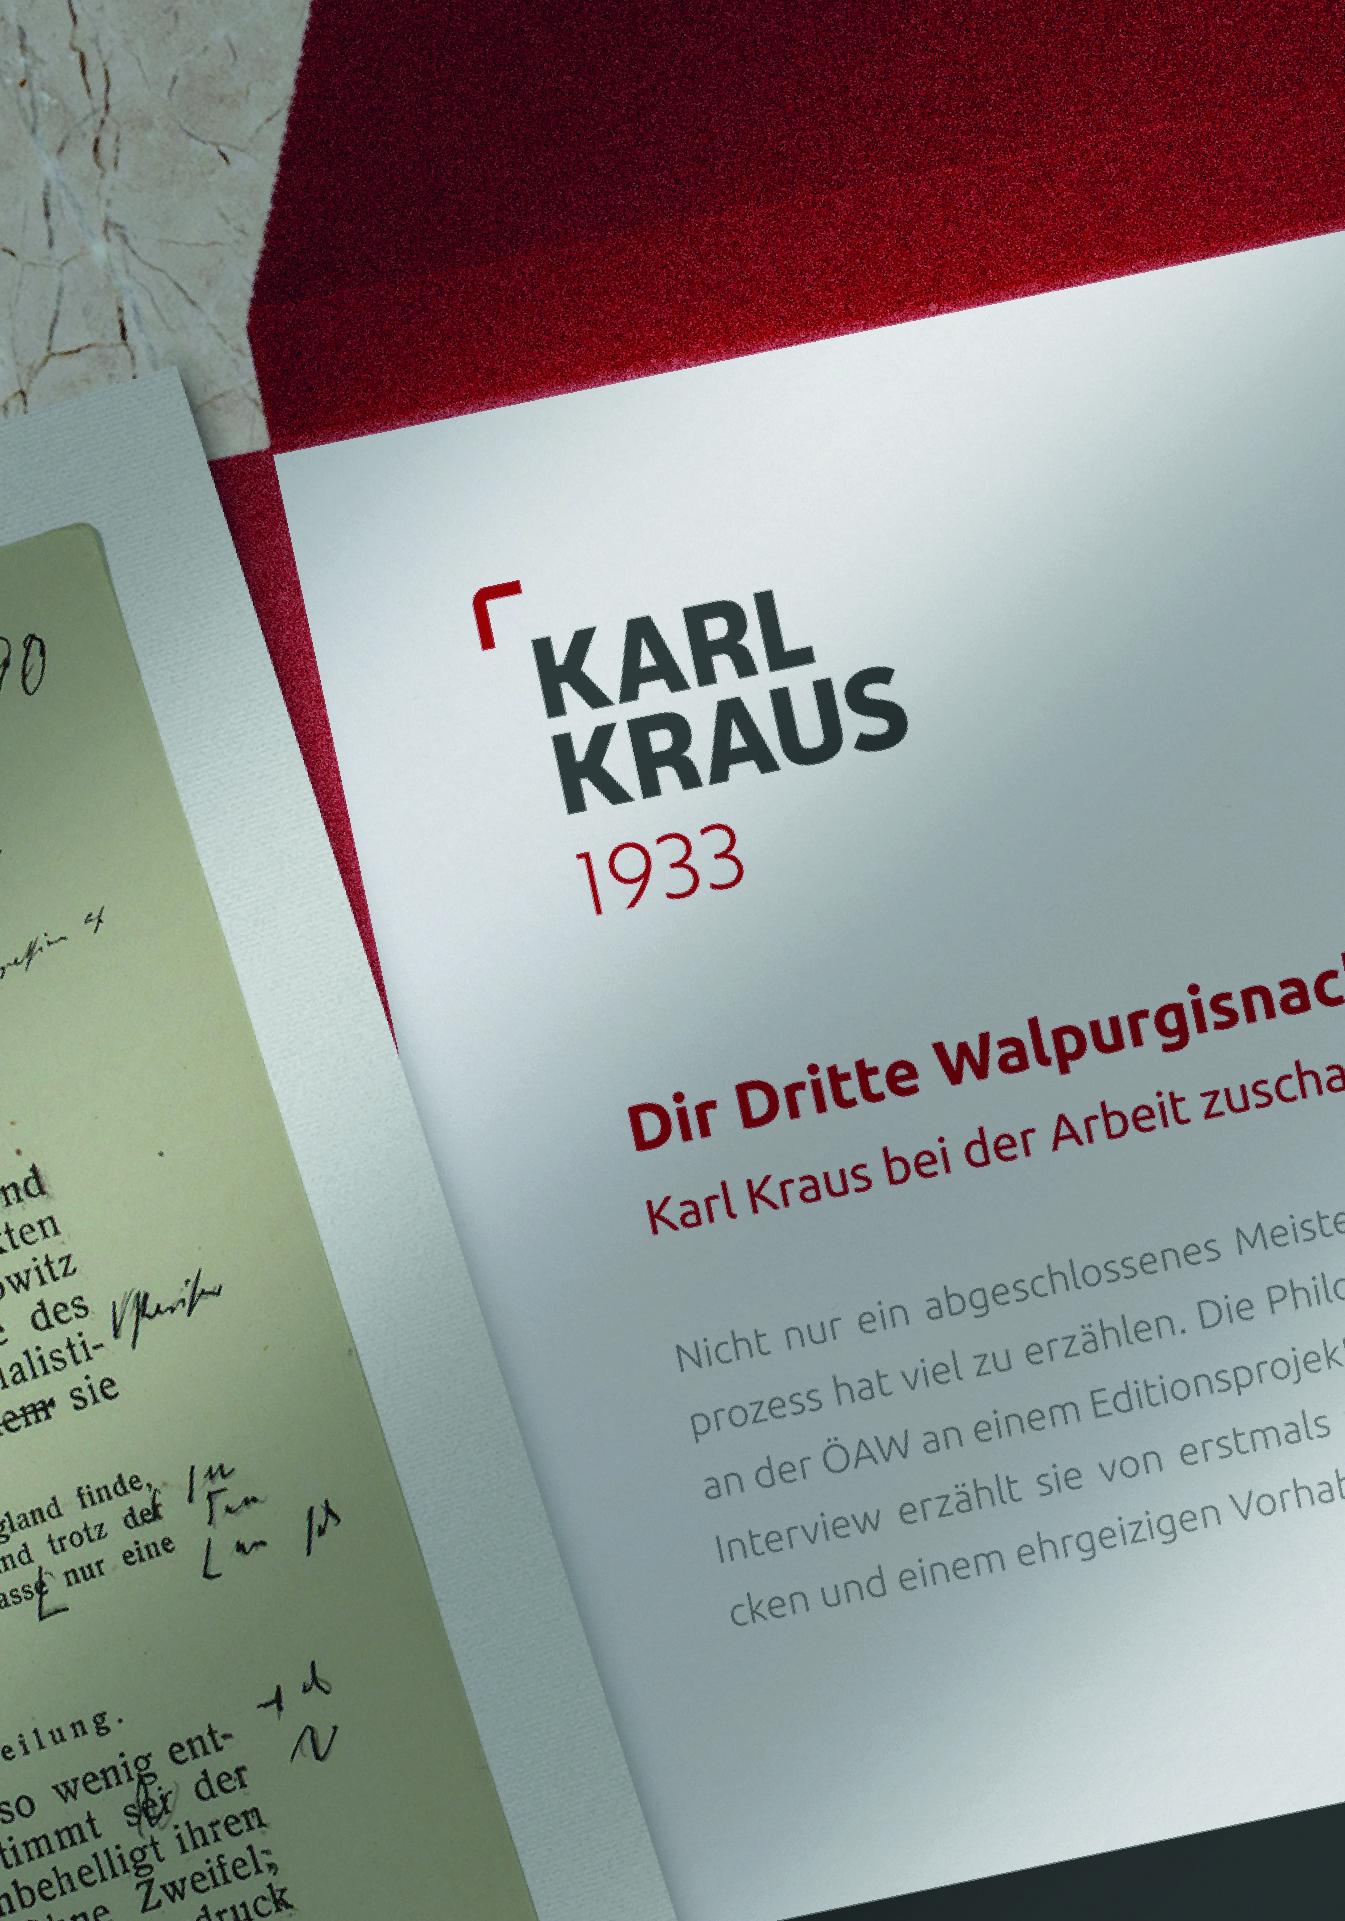 soha_OEAW-ACE_KarlKraus1933-detail